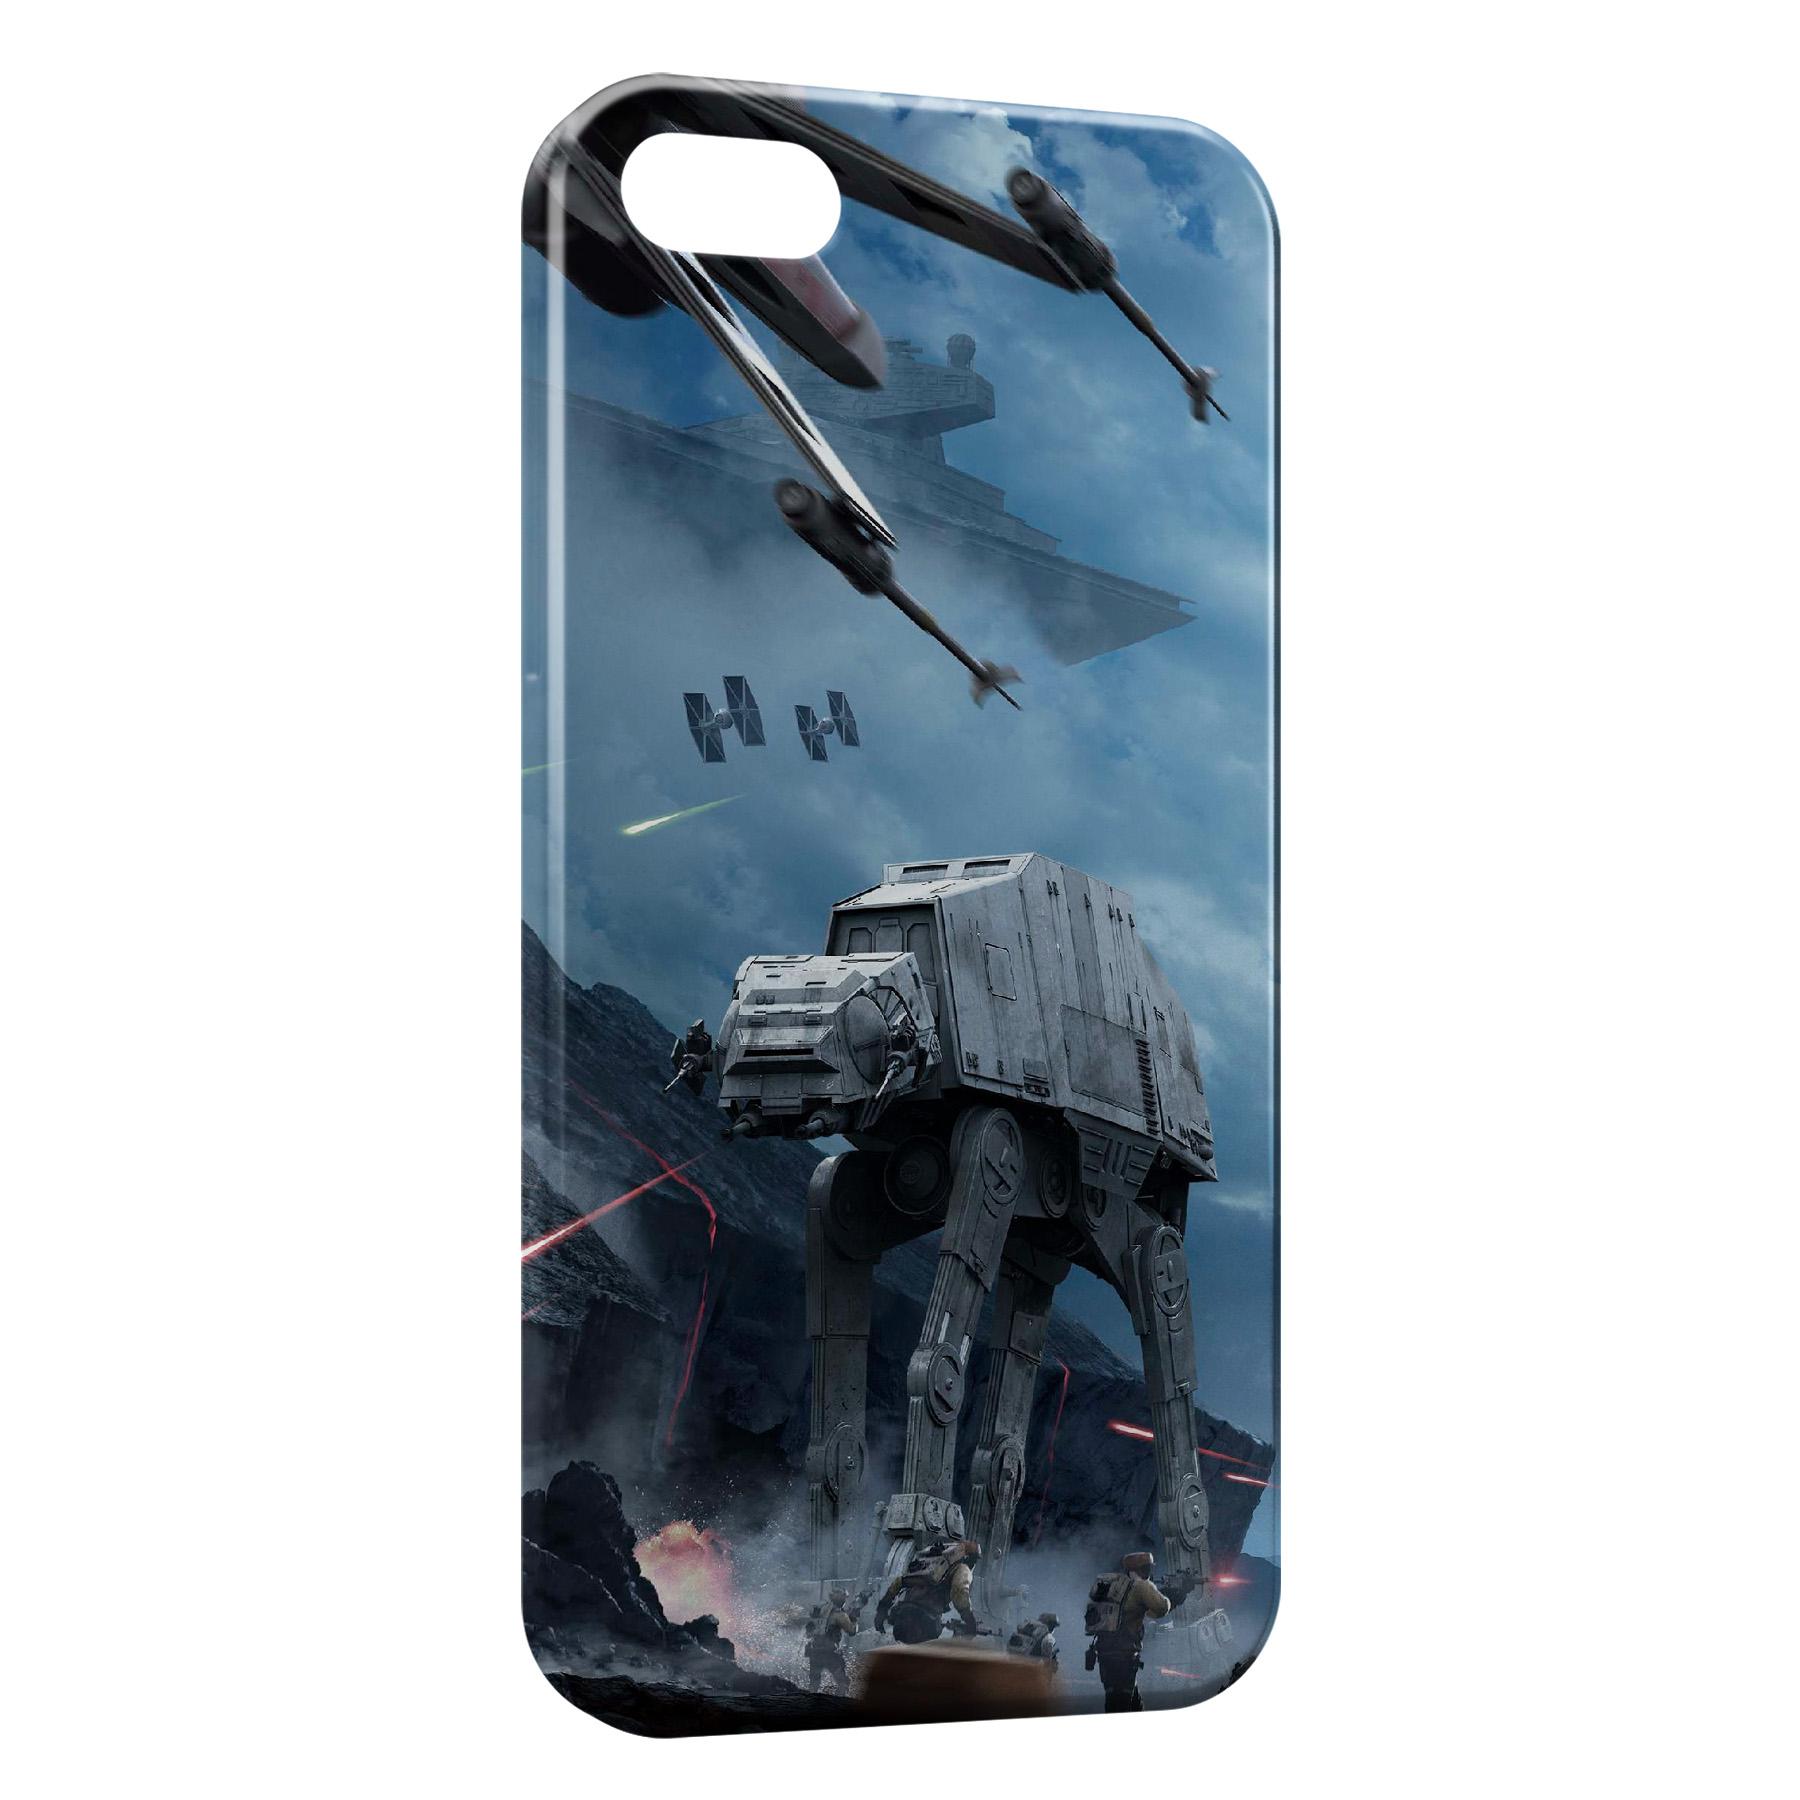 Coque iPhone 6 Plus 6S Plus Star Wars 7 Millenium 3